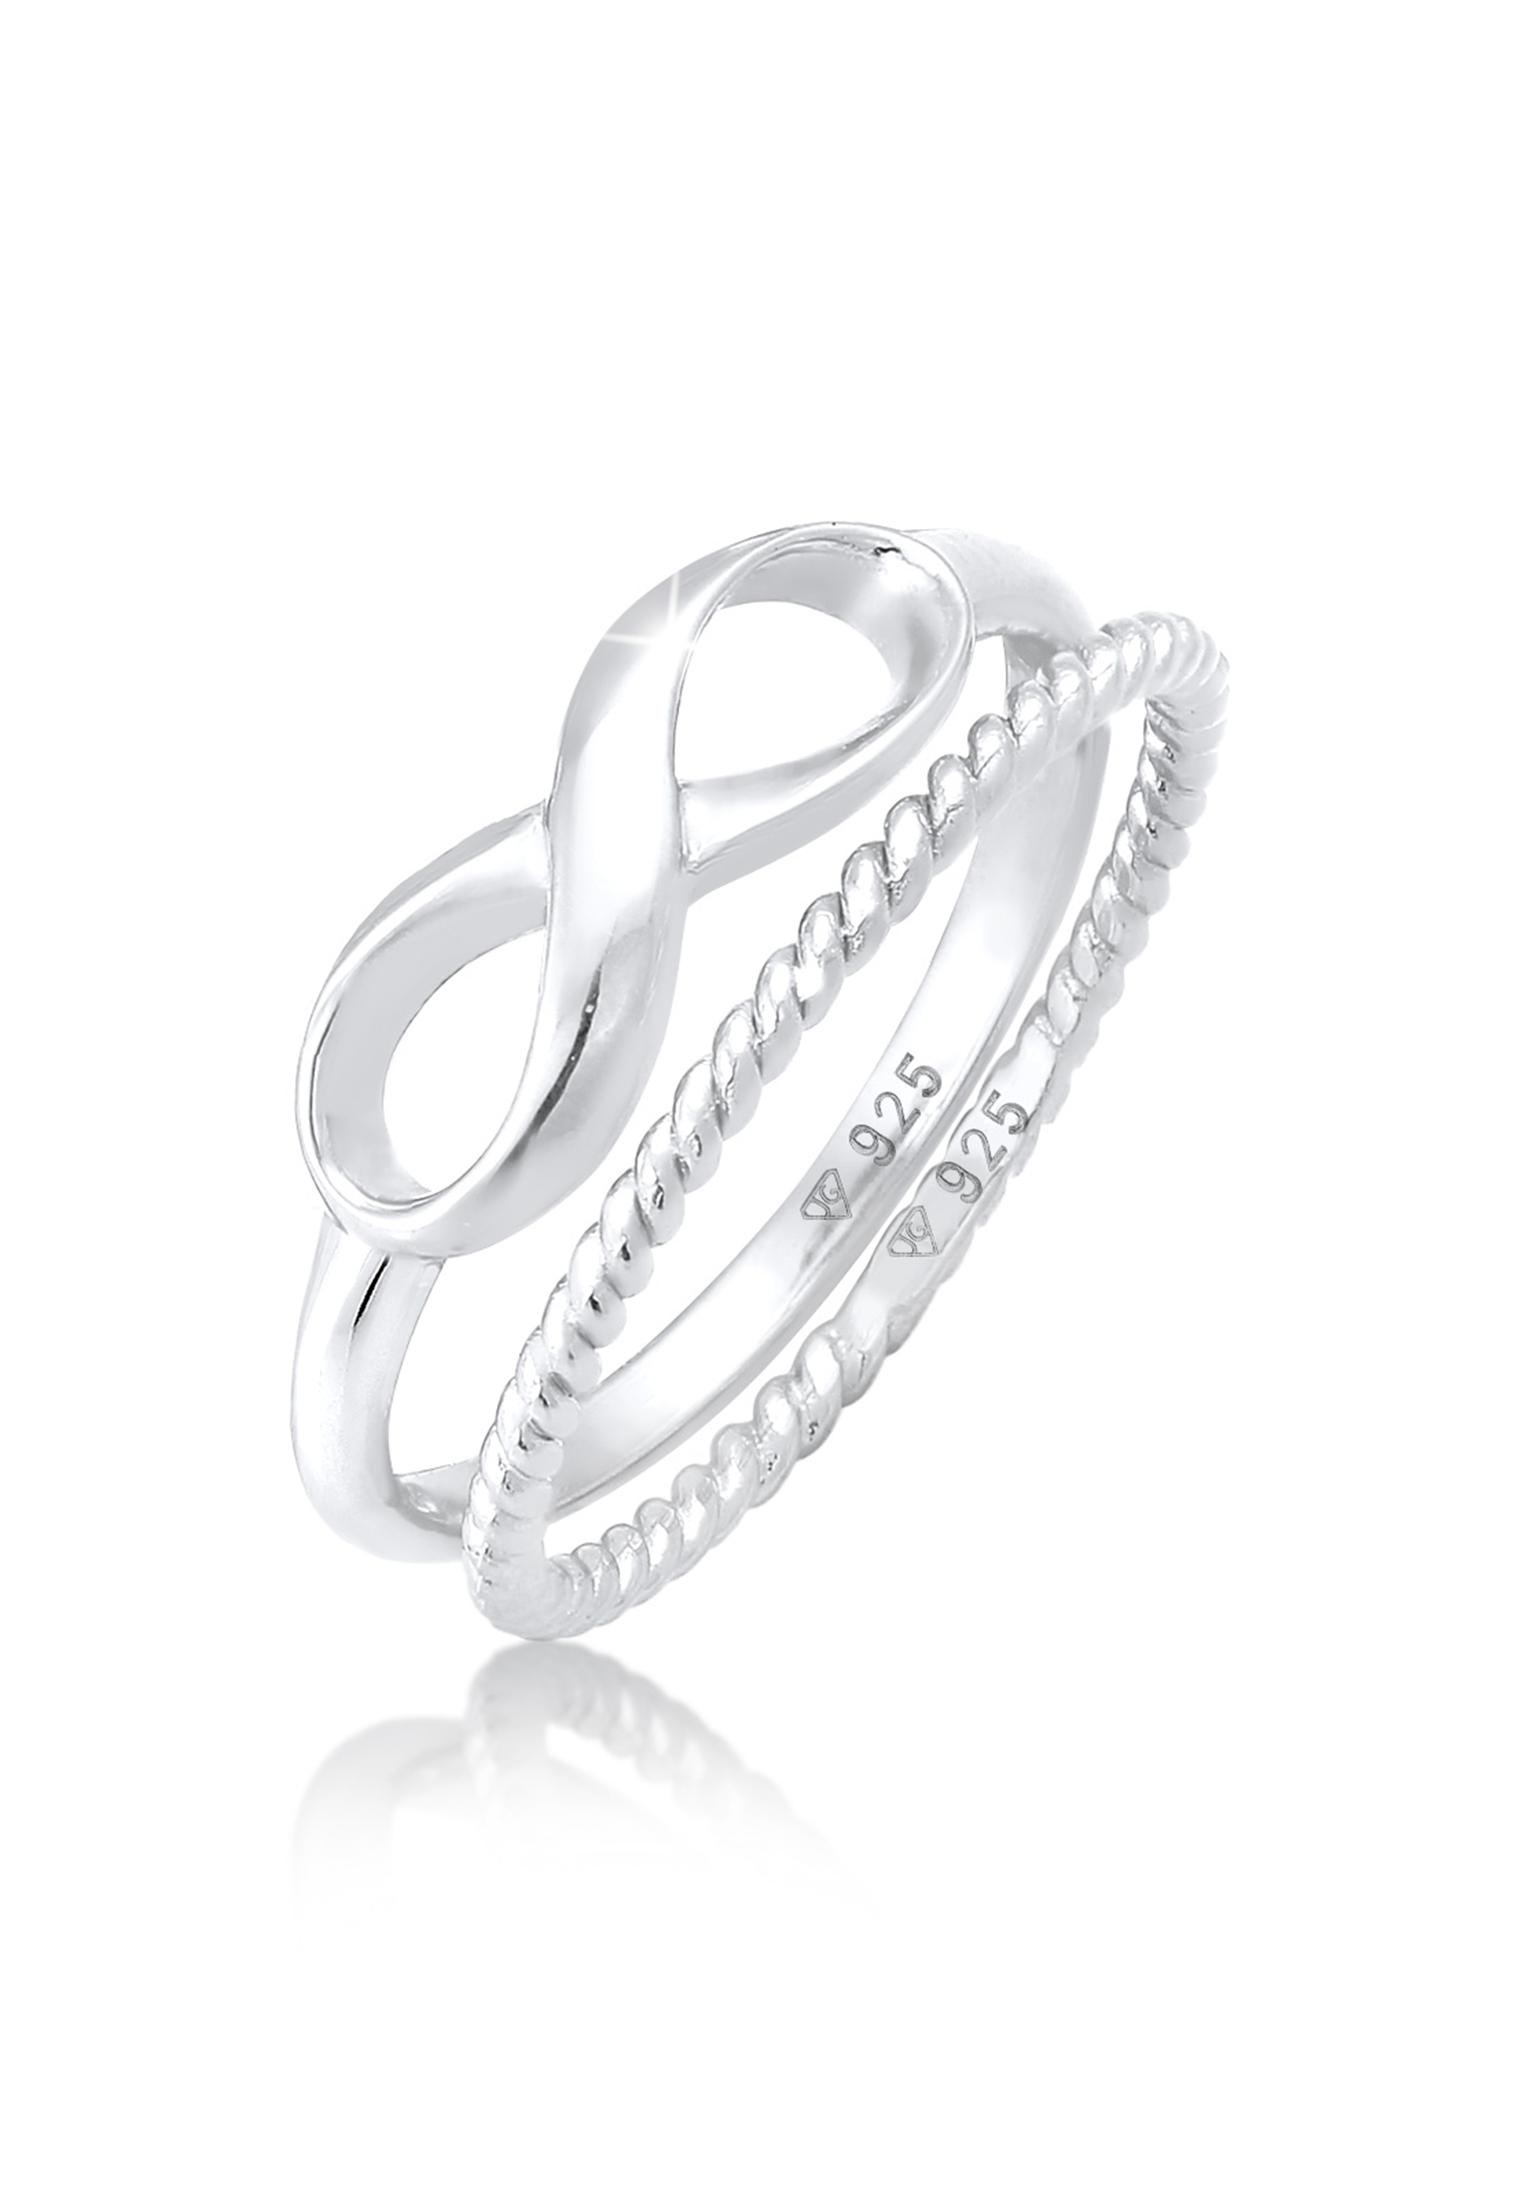 Ringset Infinity   925er Sterling Silber